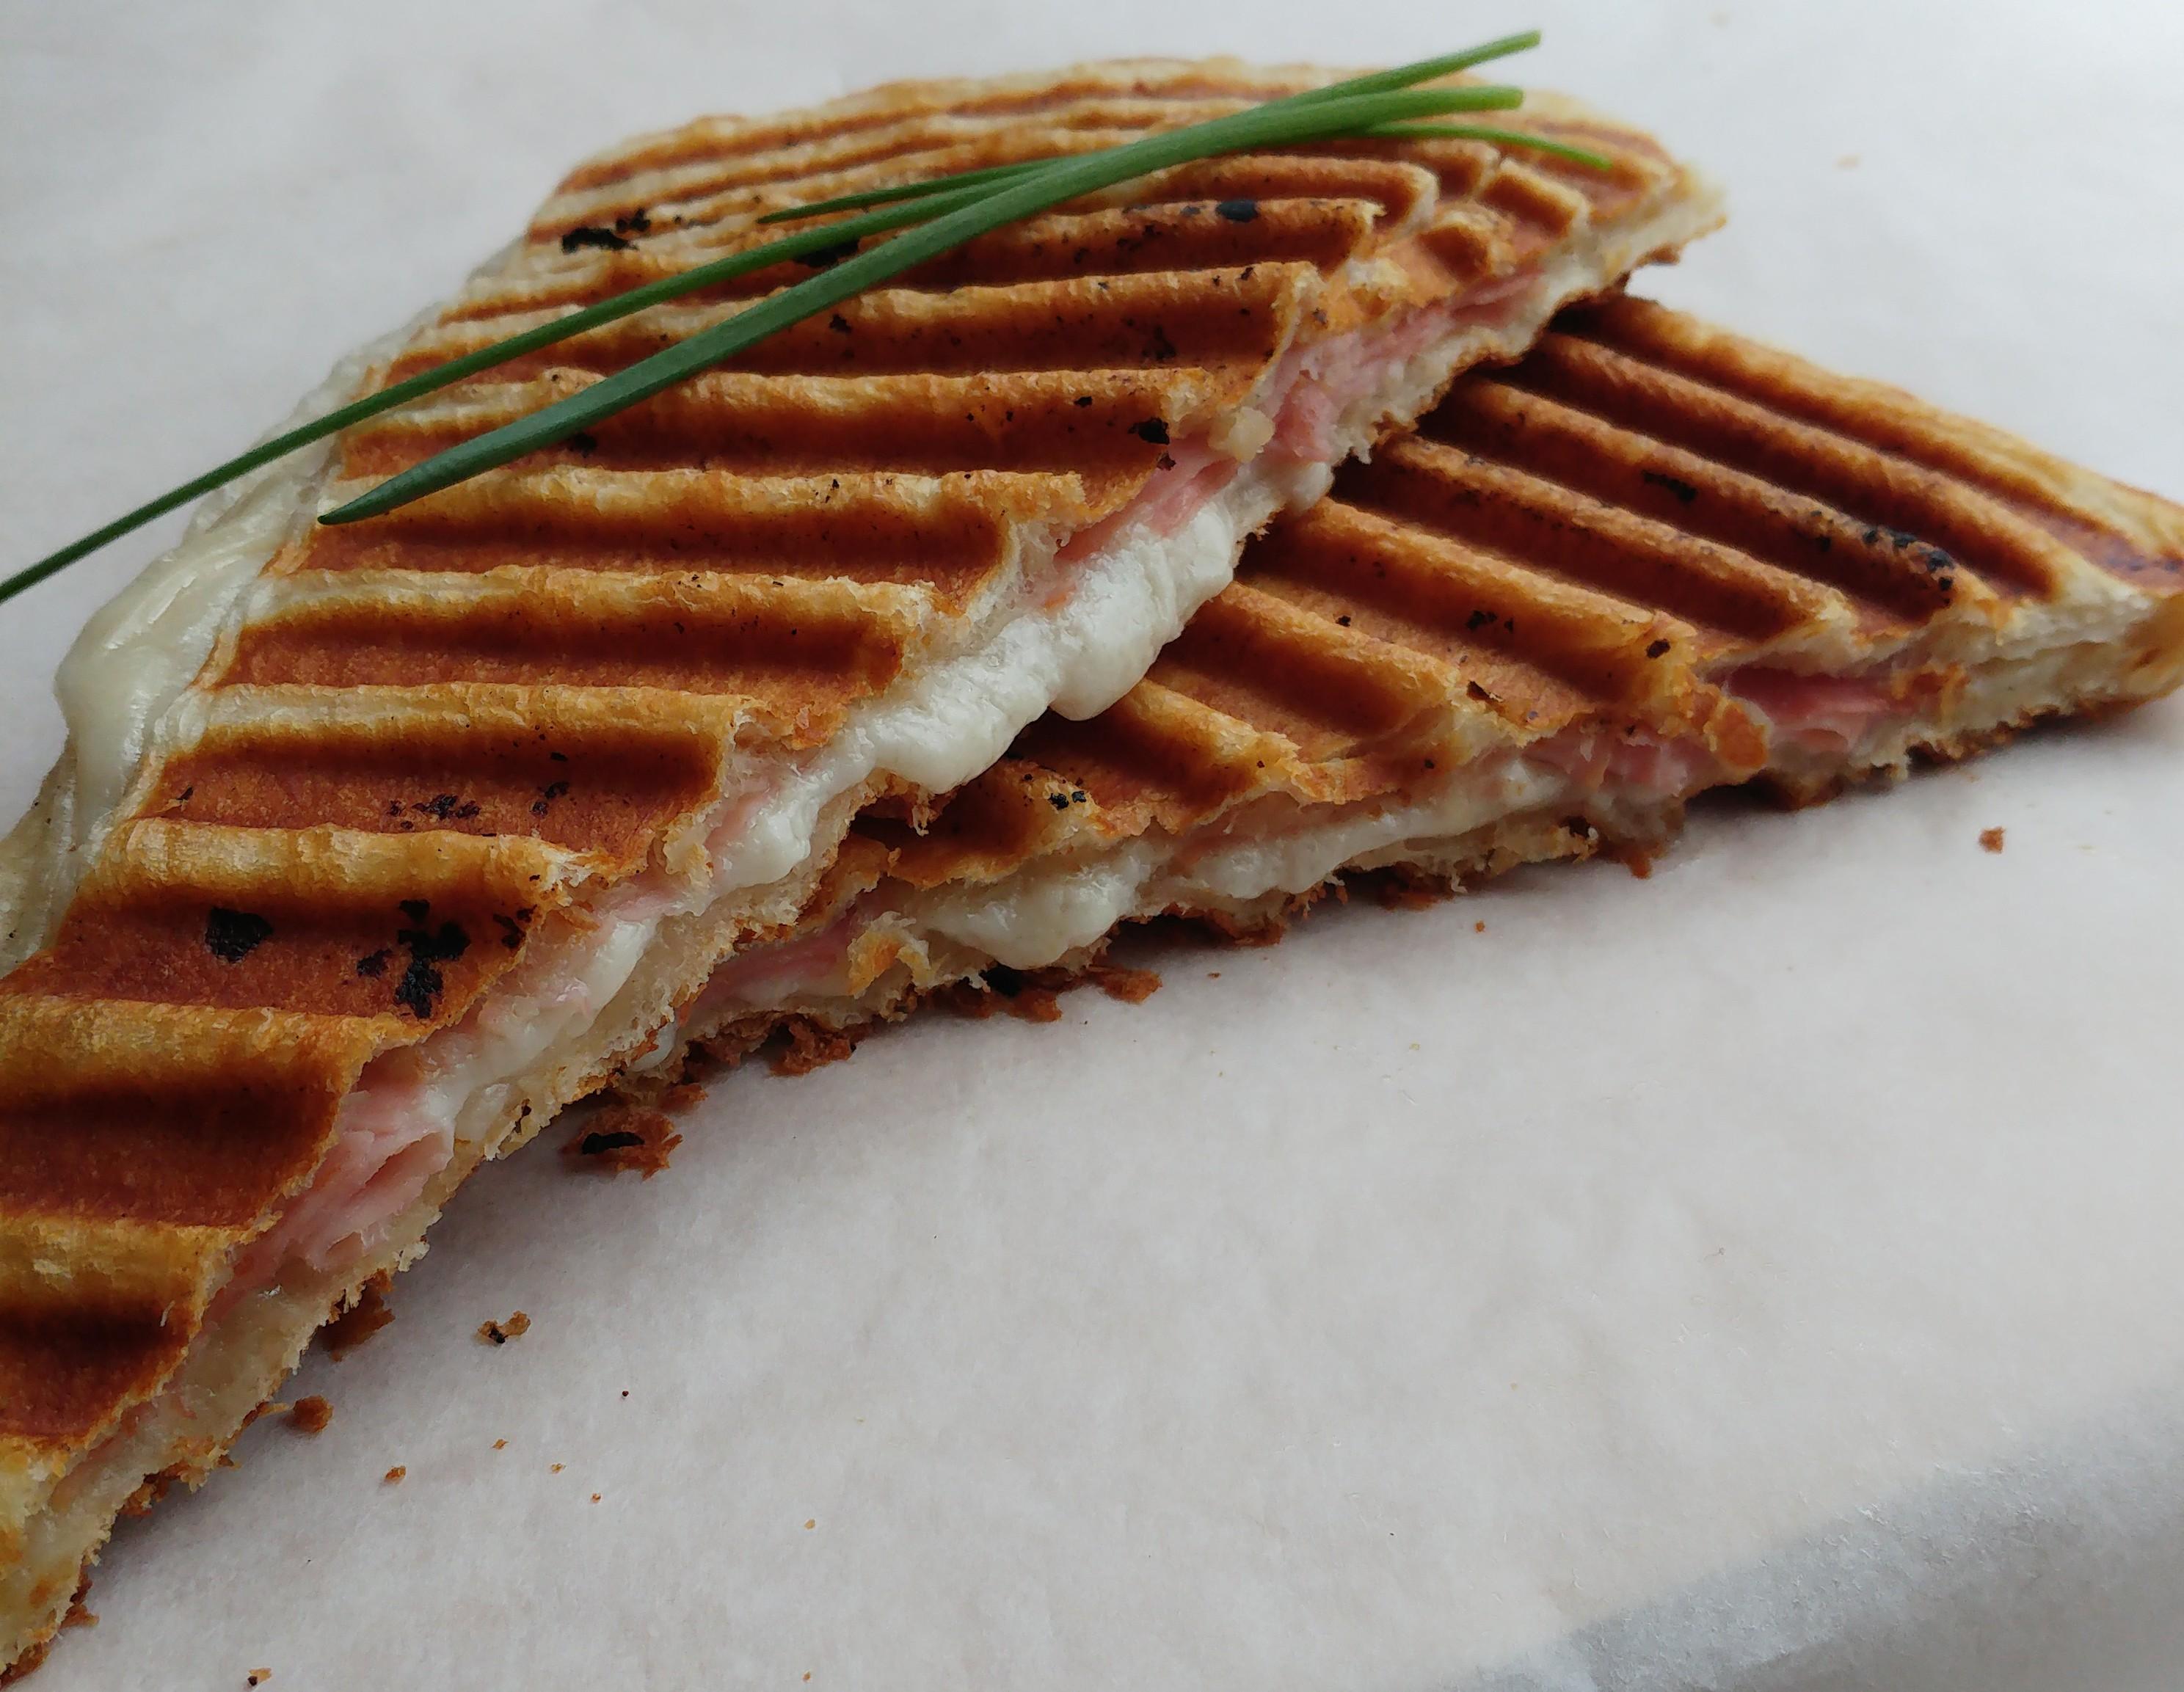 Crossti Ham-Kaas Food Mash-up #1